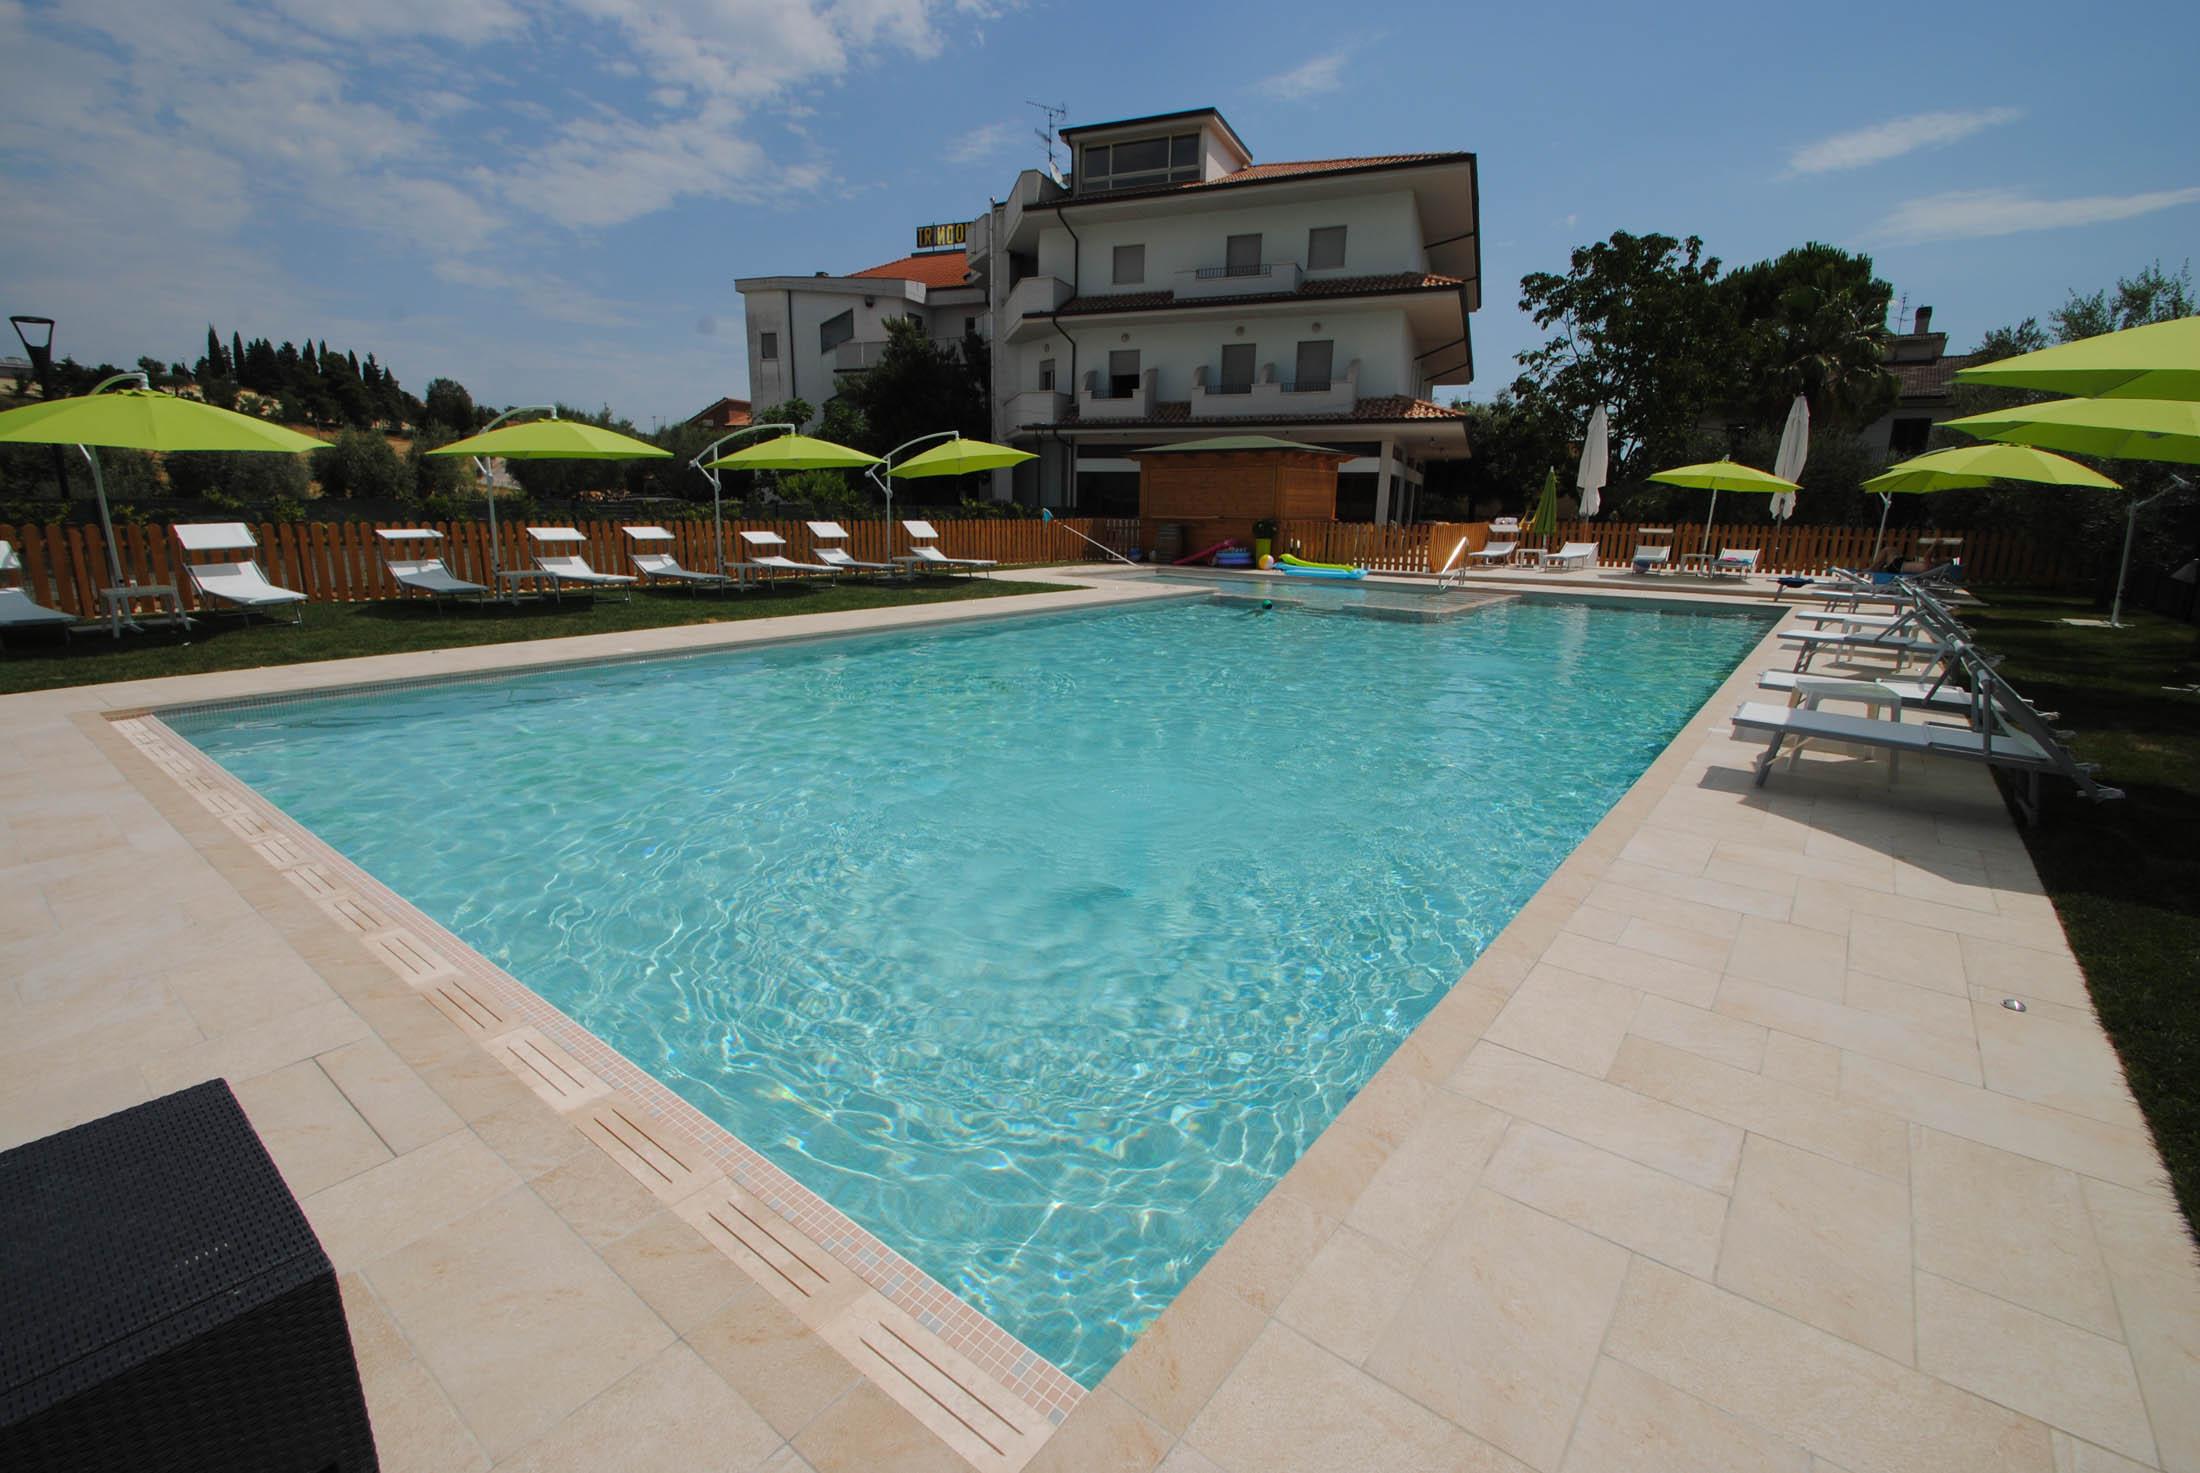 Hotel con piscina abruzzo ristorante pizzeria tramonto - Hotel con piscina abruzzo ...